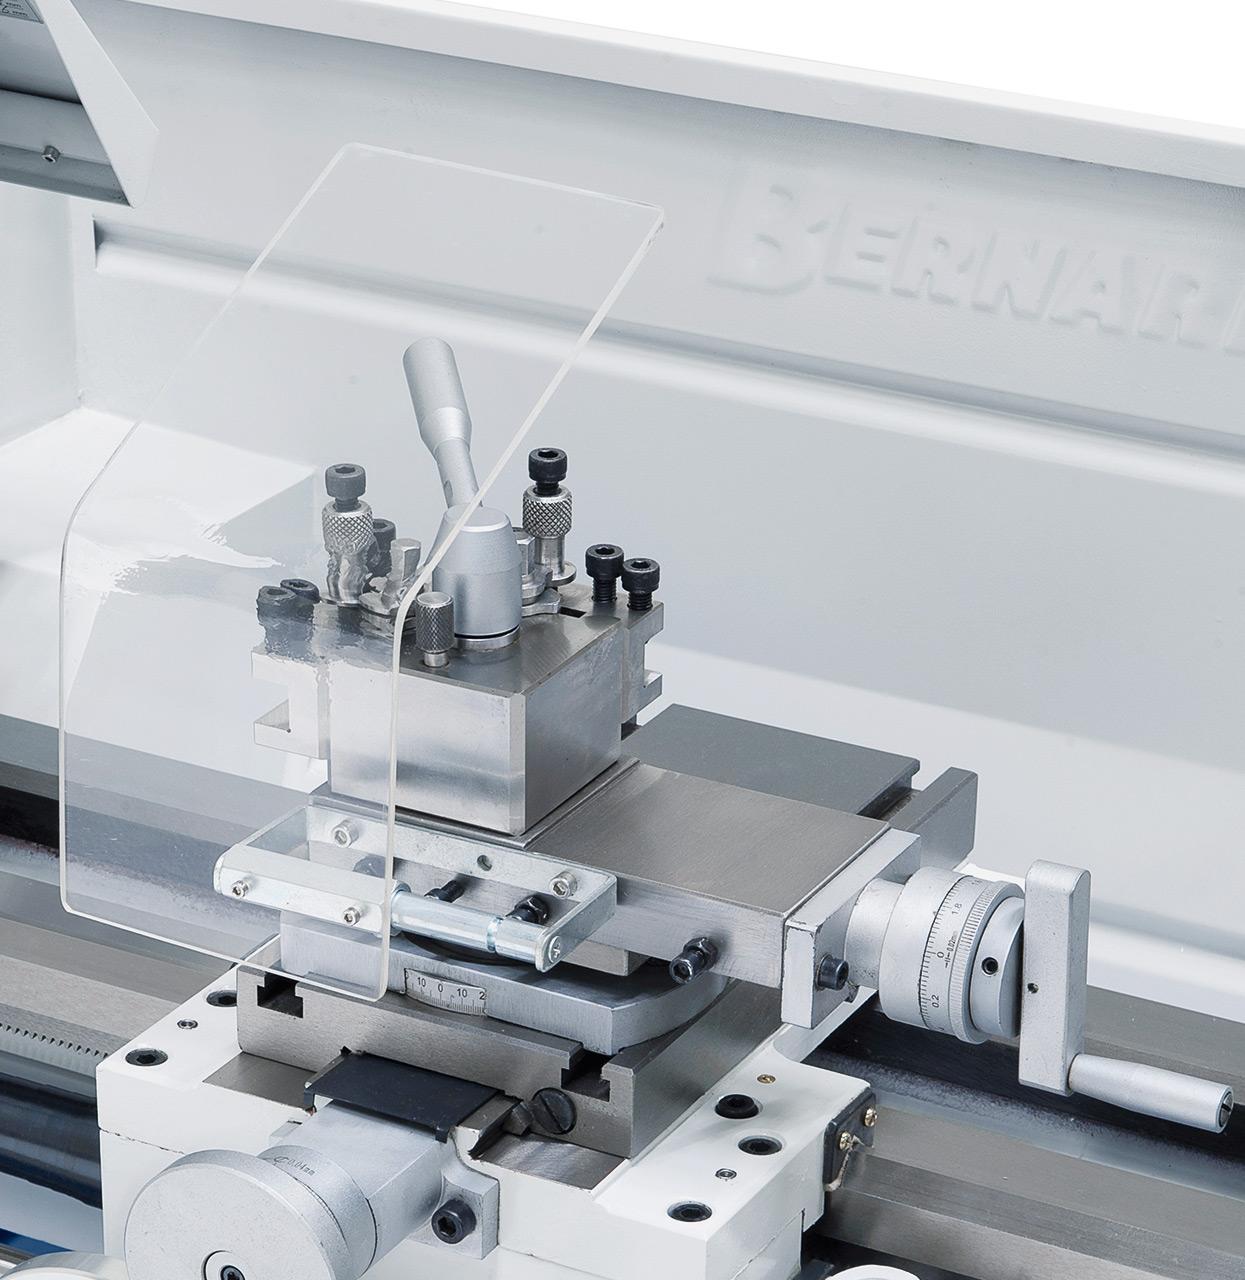 Zum rationellen Arbeiten ist die Maschine serienmäßig mit einem Schnellwechselstahlhalter ausgestattet.